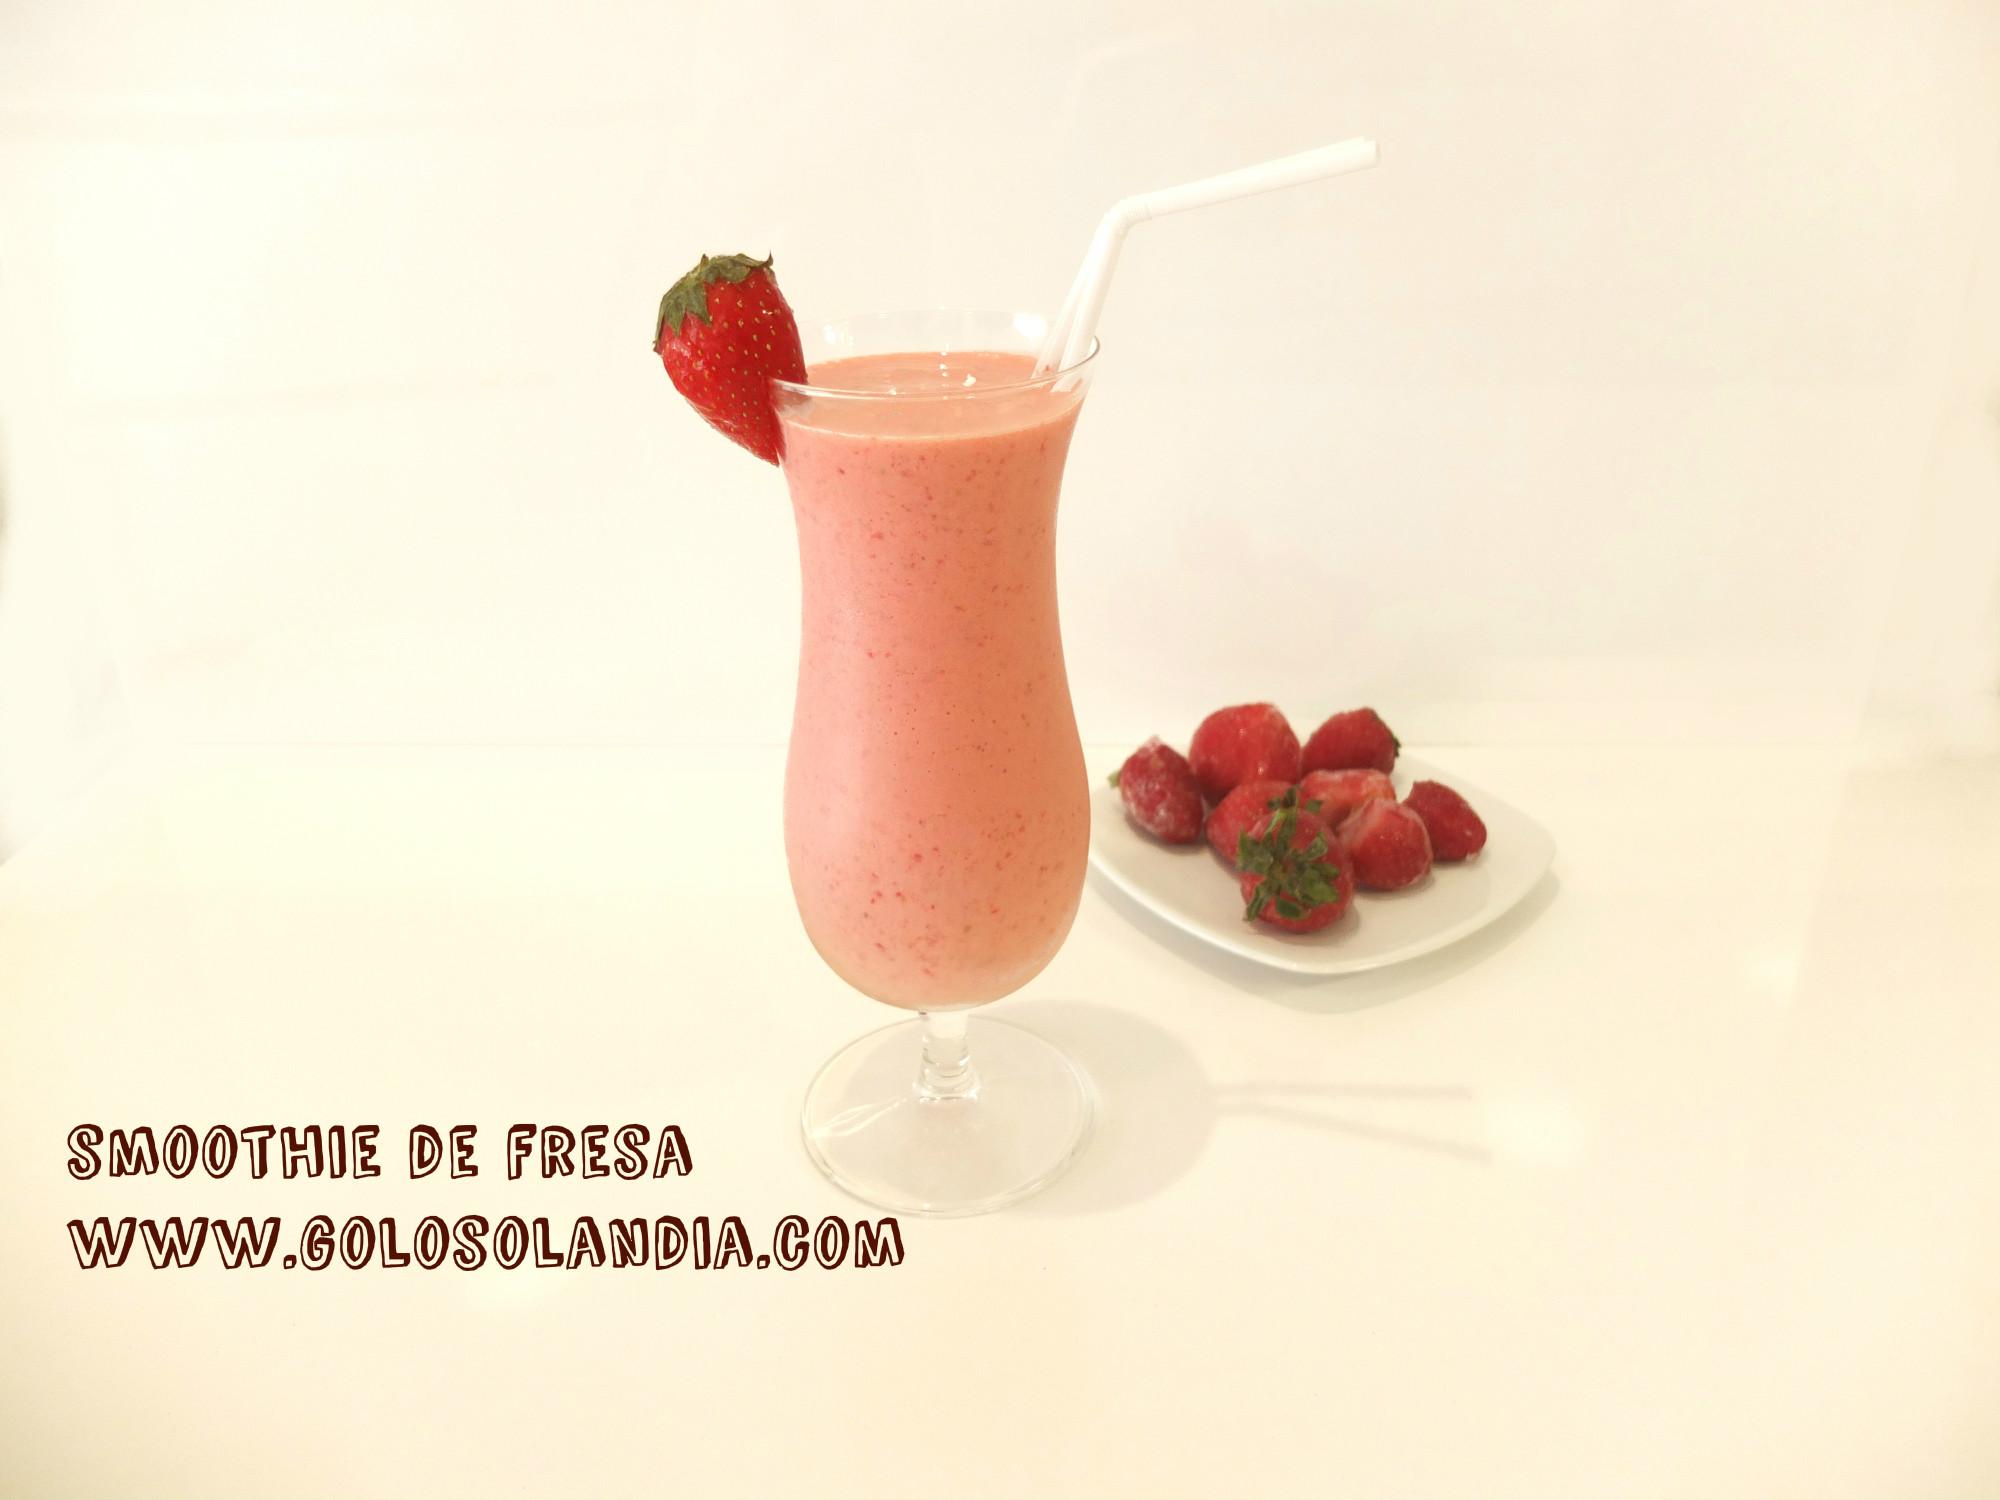 Smoothie de fresa